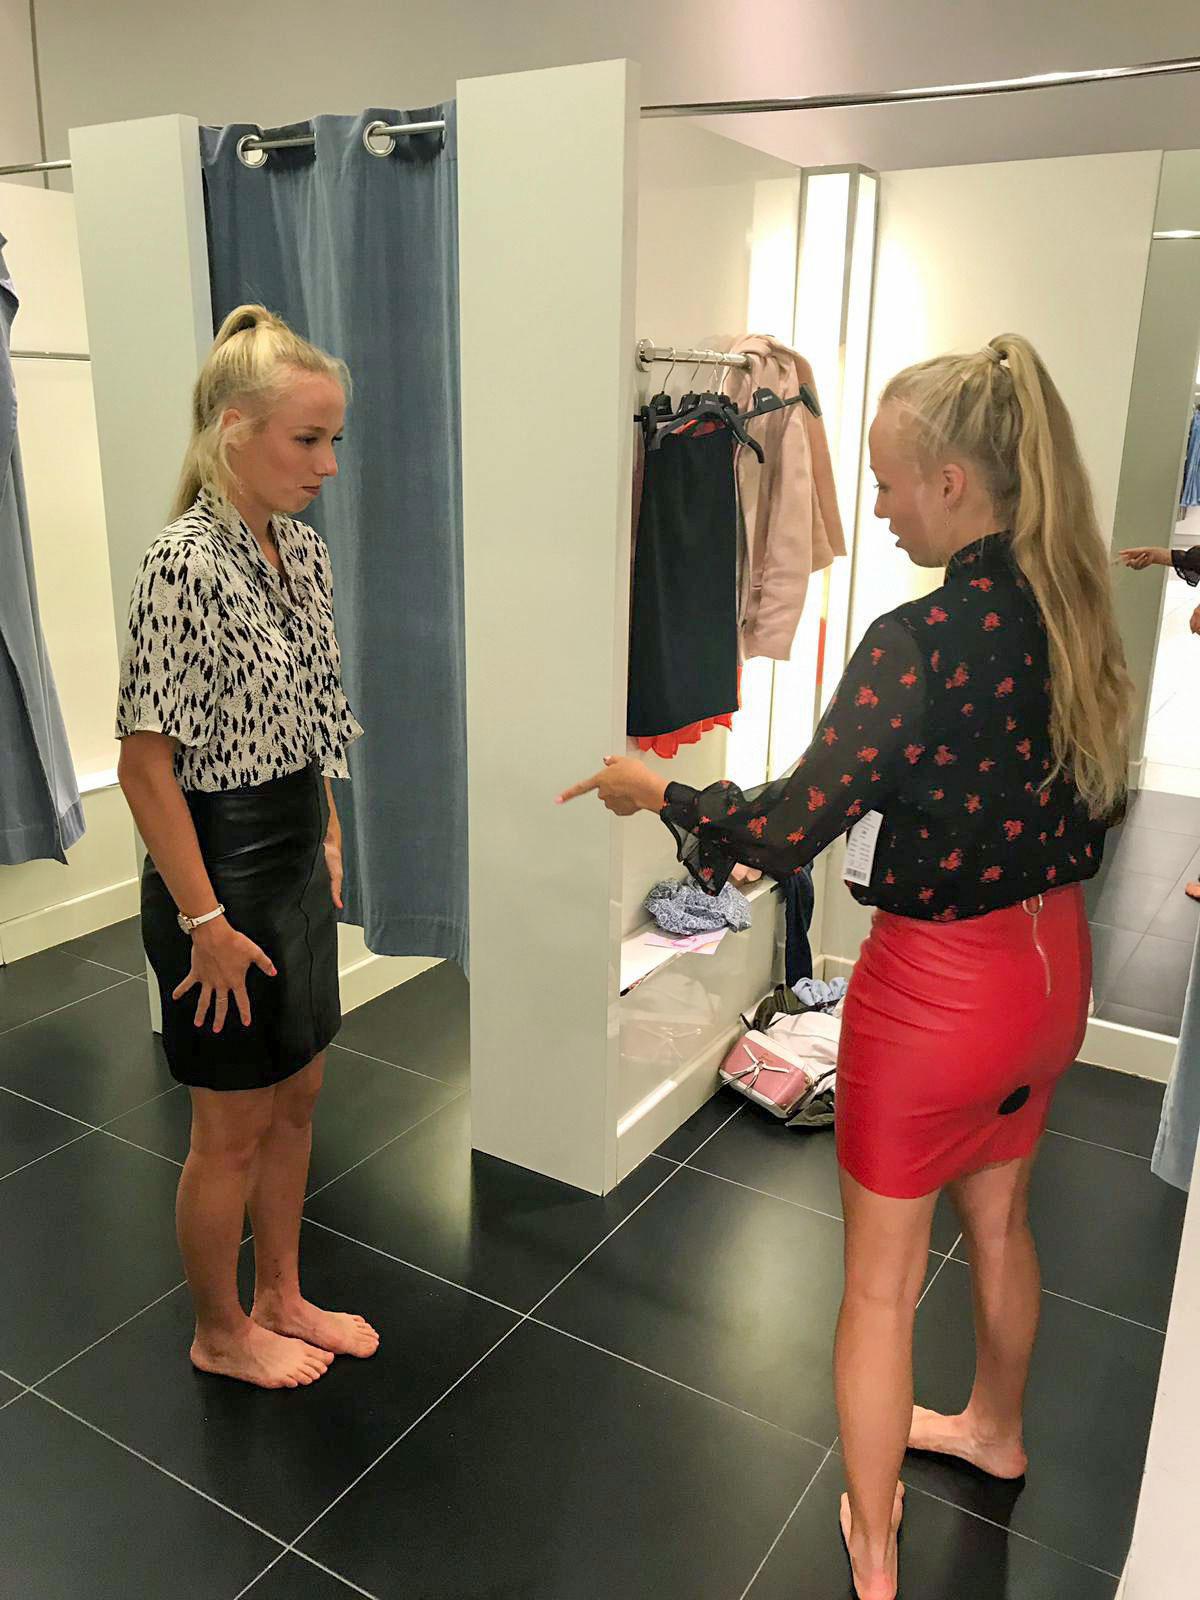 Wozu ein Spiegelbild, wenn man seinen Twin an Bord hat?Ob der Zwillingsstatus beim Shopping hilft, sehen VOX-Zuschauer am Mittwoch, den 30. Januar 2019.